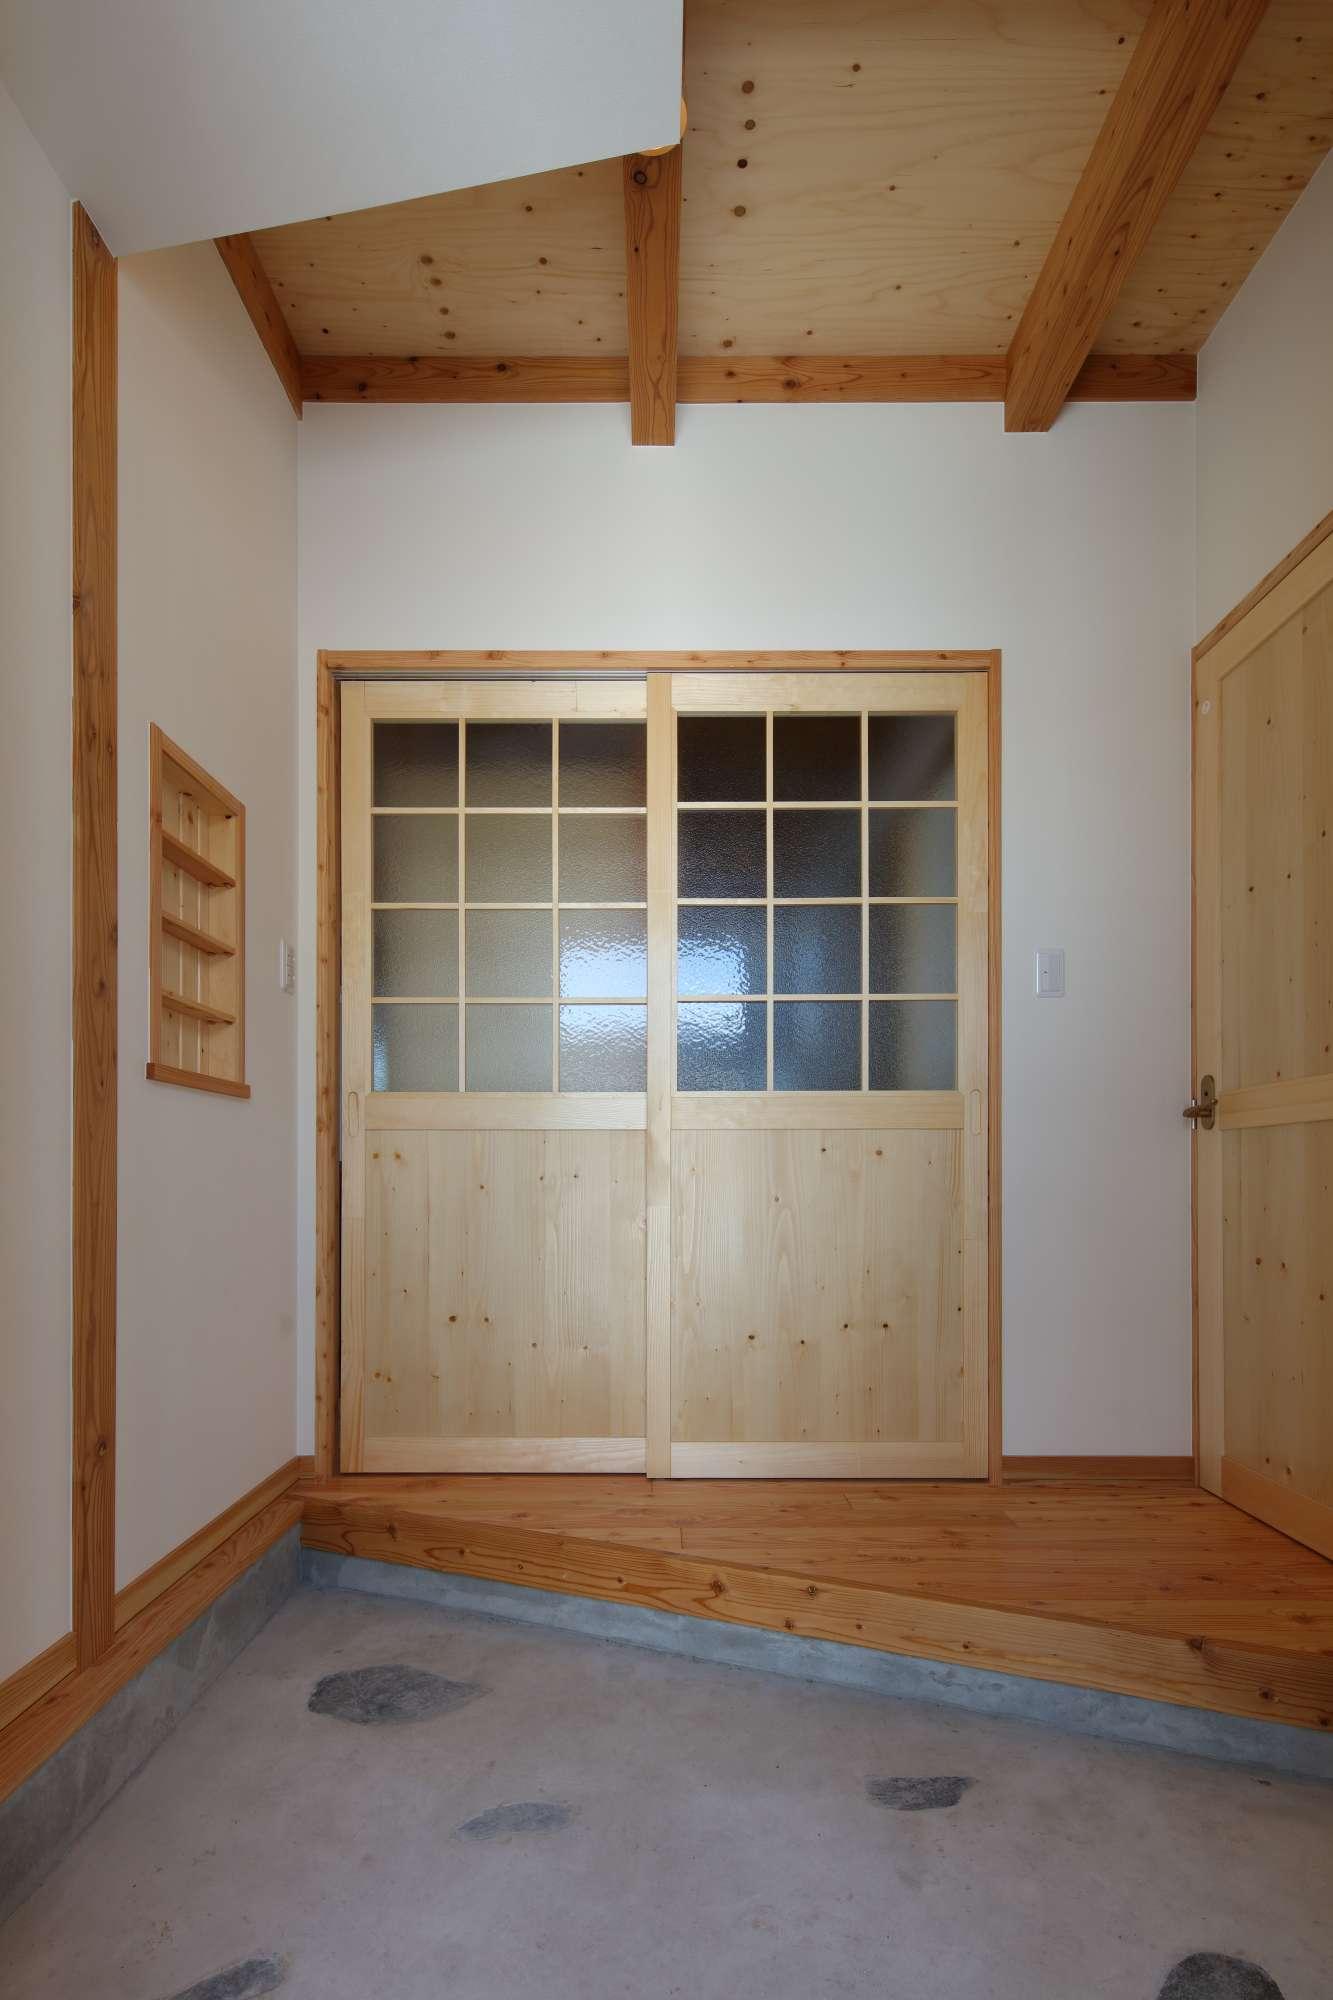 斜めの框をデザインした、和モダンの玄関 -  -  -